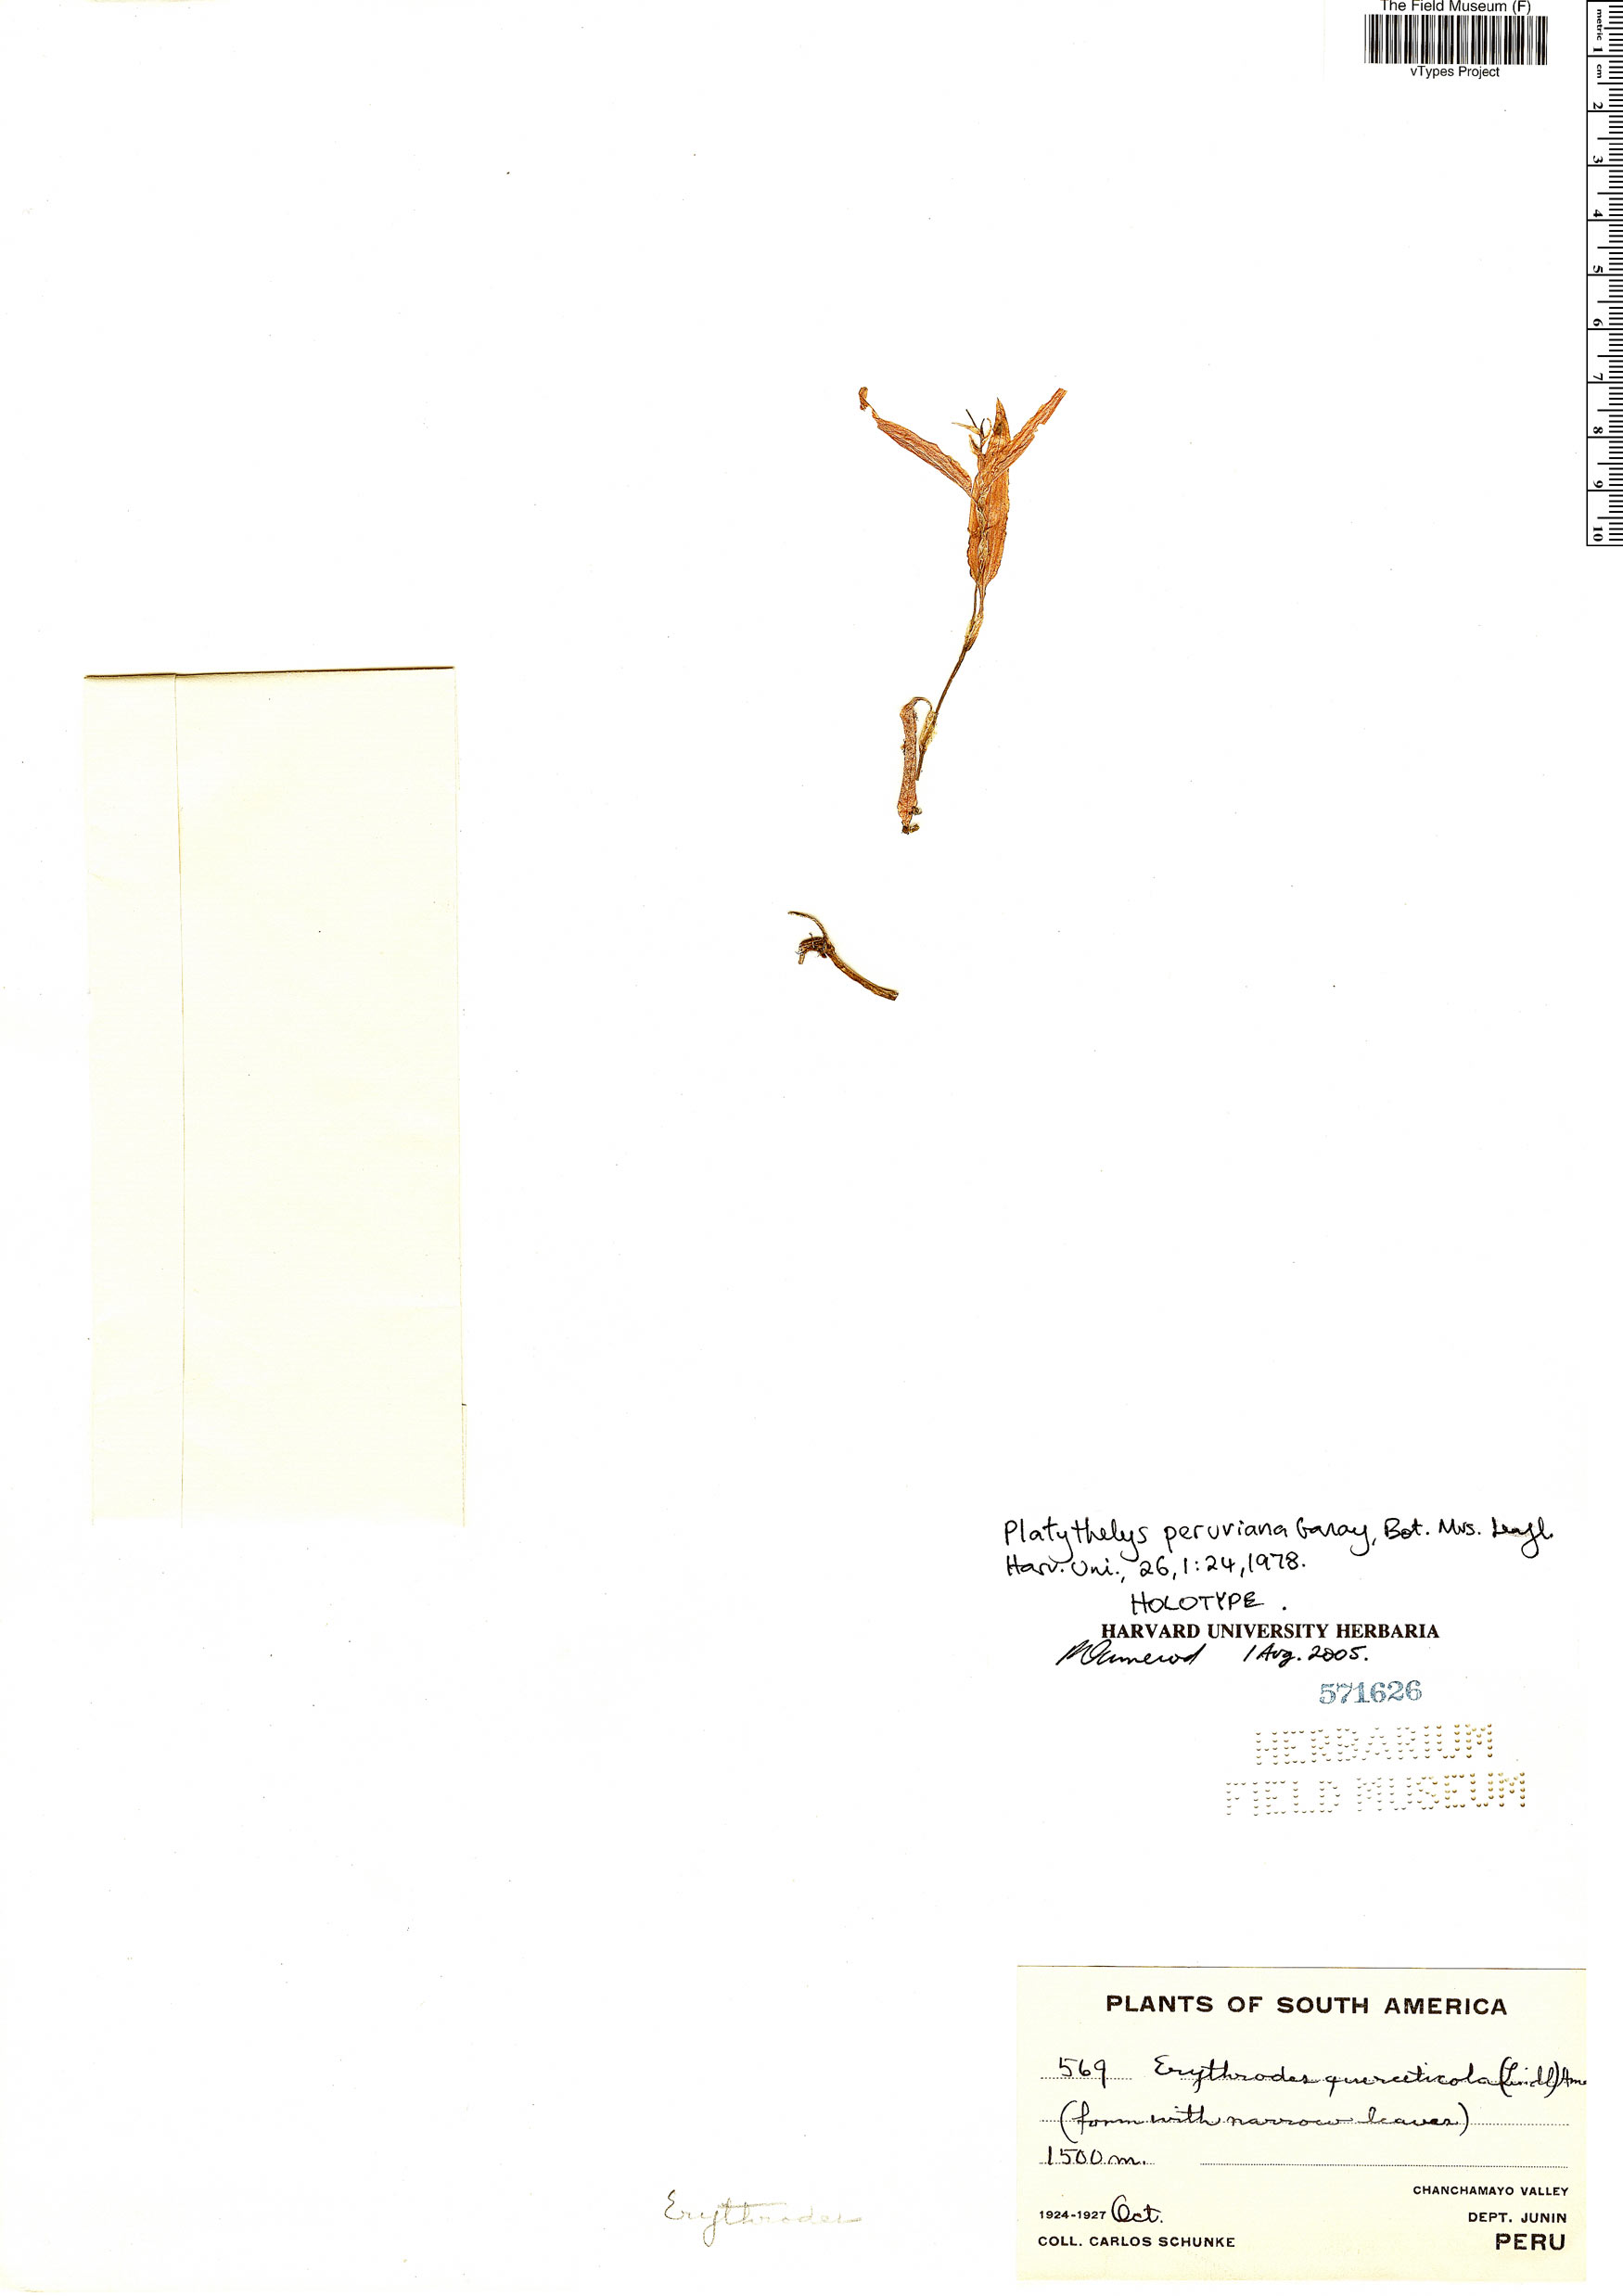 Specimen: Platythelys peruviana